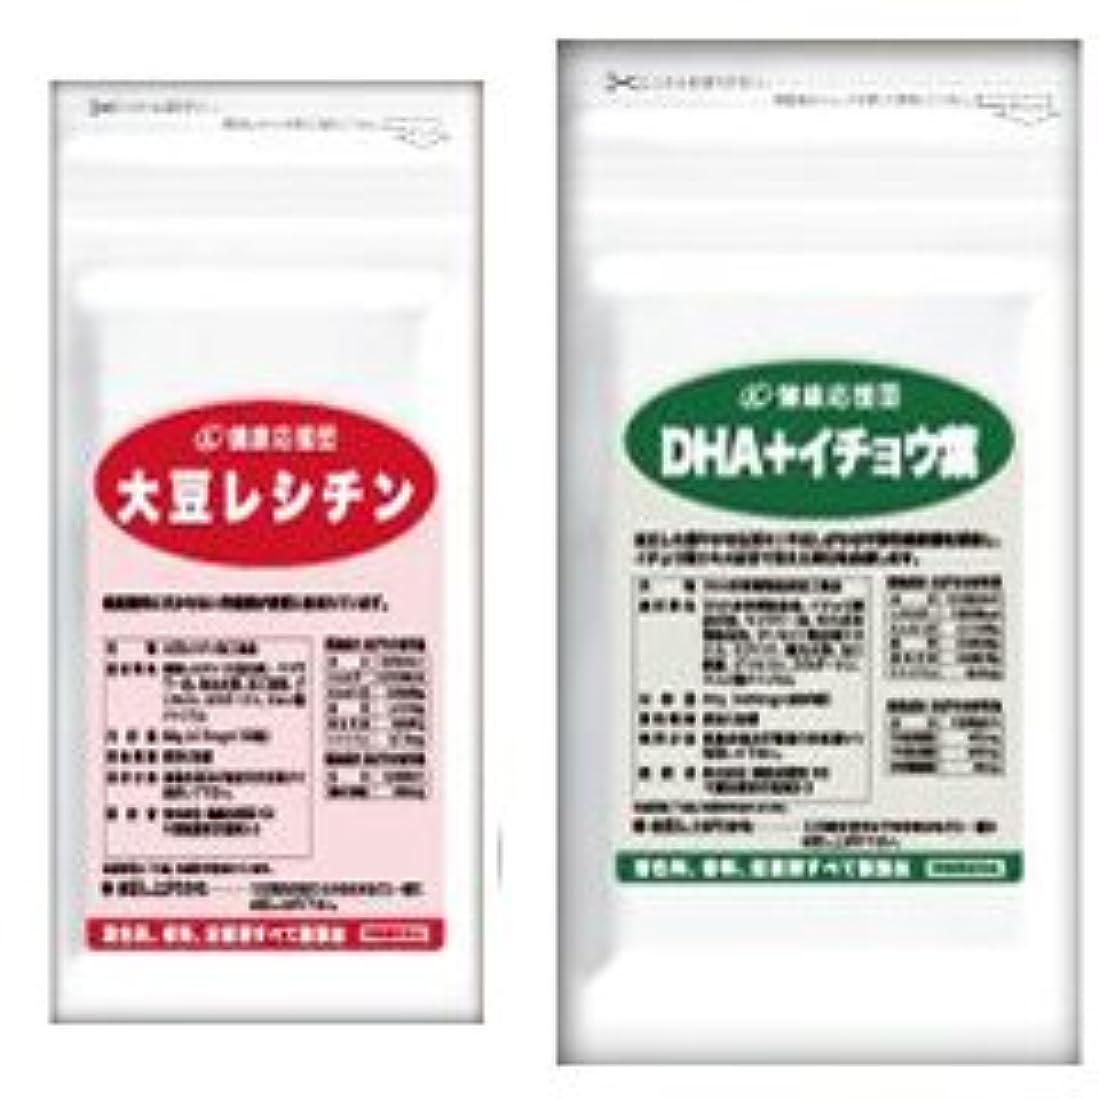 姉妹変化信じる(お徳用3か月分)流れサラサラセット 大豆レシチン+(DHA+イチョウ葉)3袋&3袋セット(DHA?EPA?イチョウ葉)